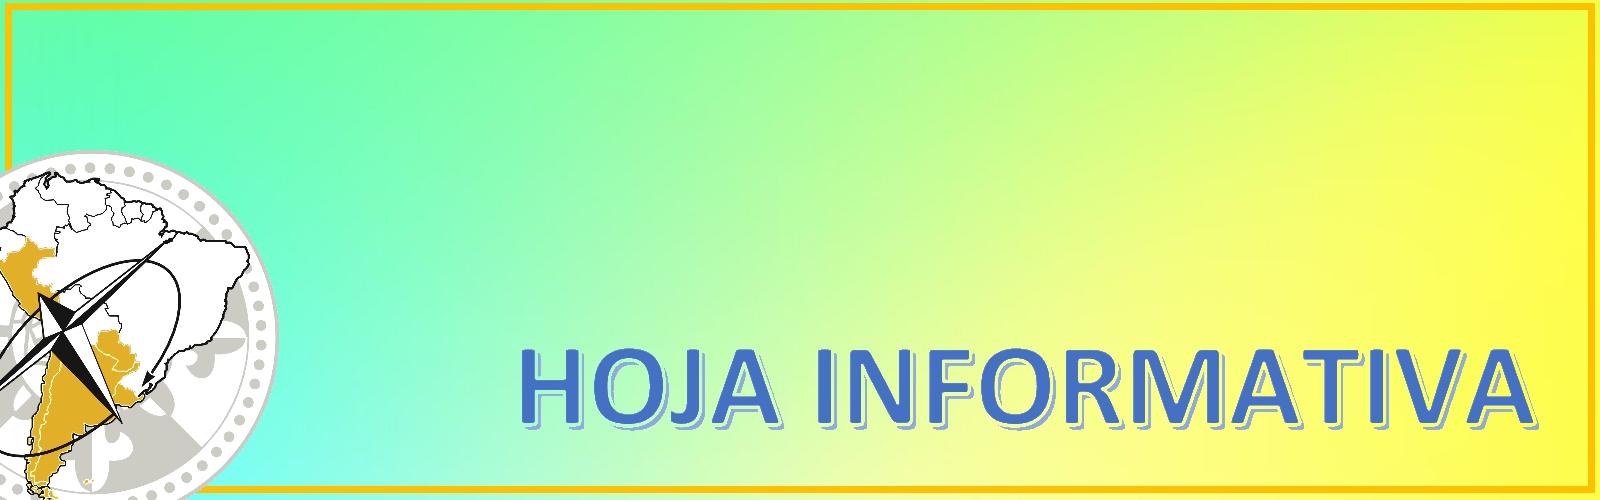 Hoja_informativa